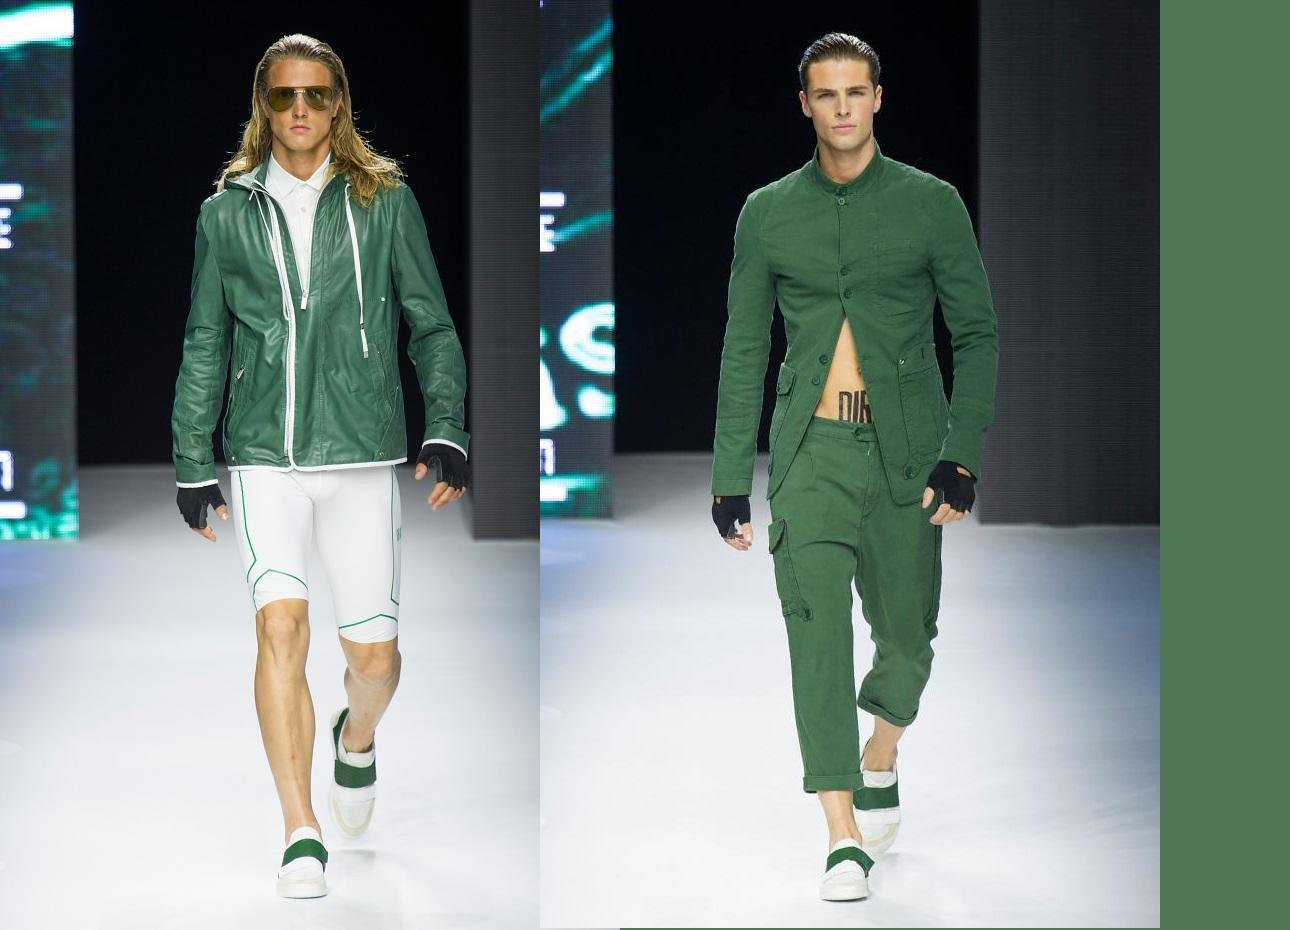 Consulenza d'immagine, personal shopper, abbigliamento uomo, colori uomo, personal stylist, Silk Gift Milan, Milan, shopping